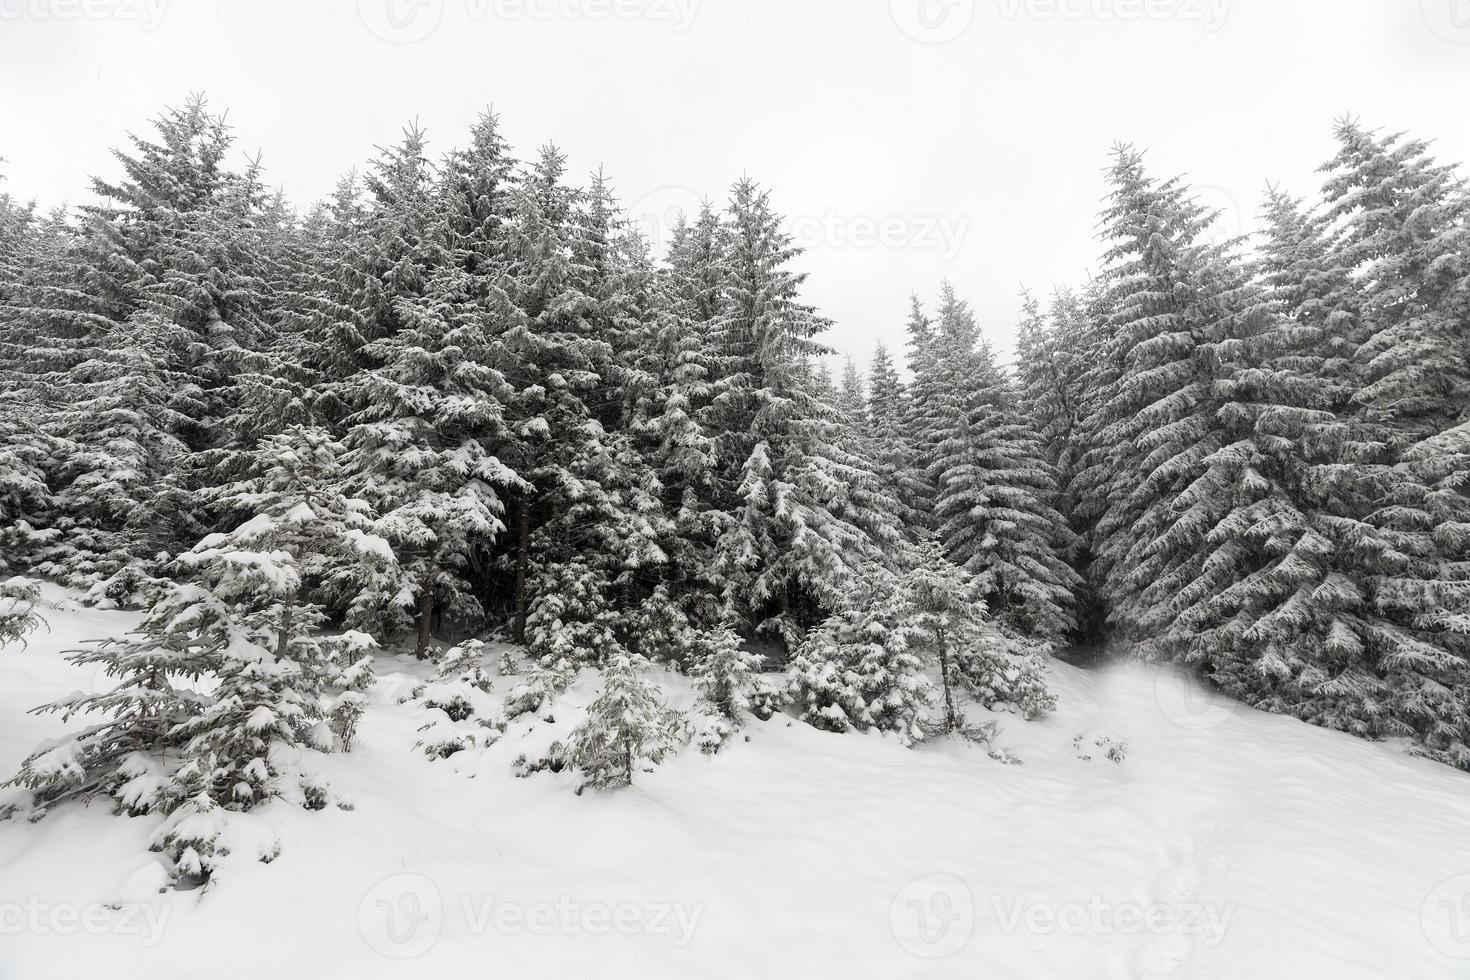 granträd dimmig skog täckt av snö i vinterlandskap. foto